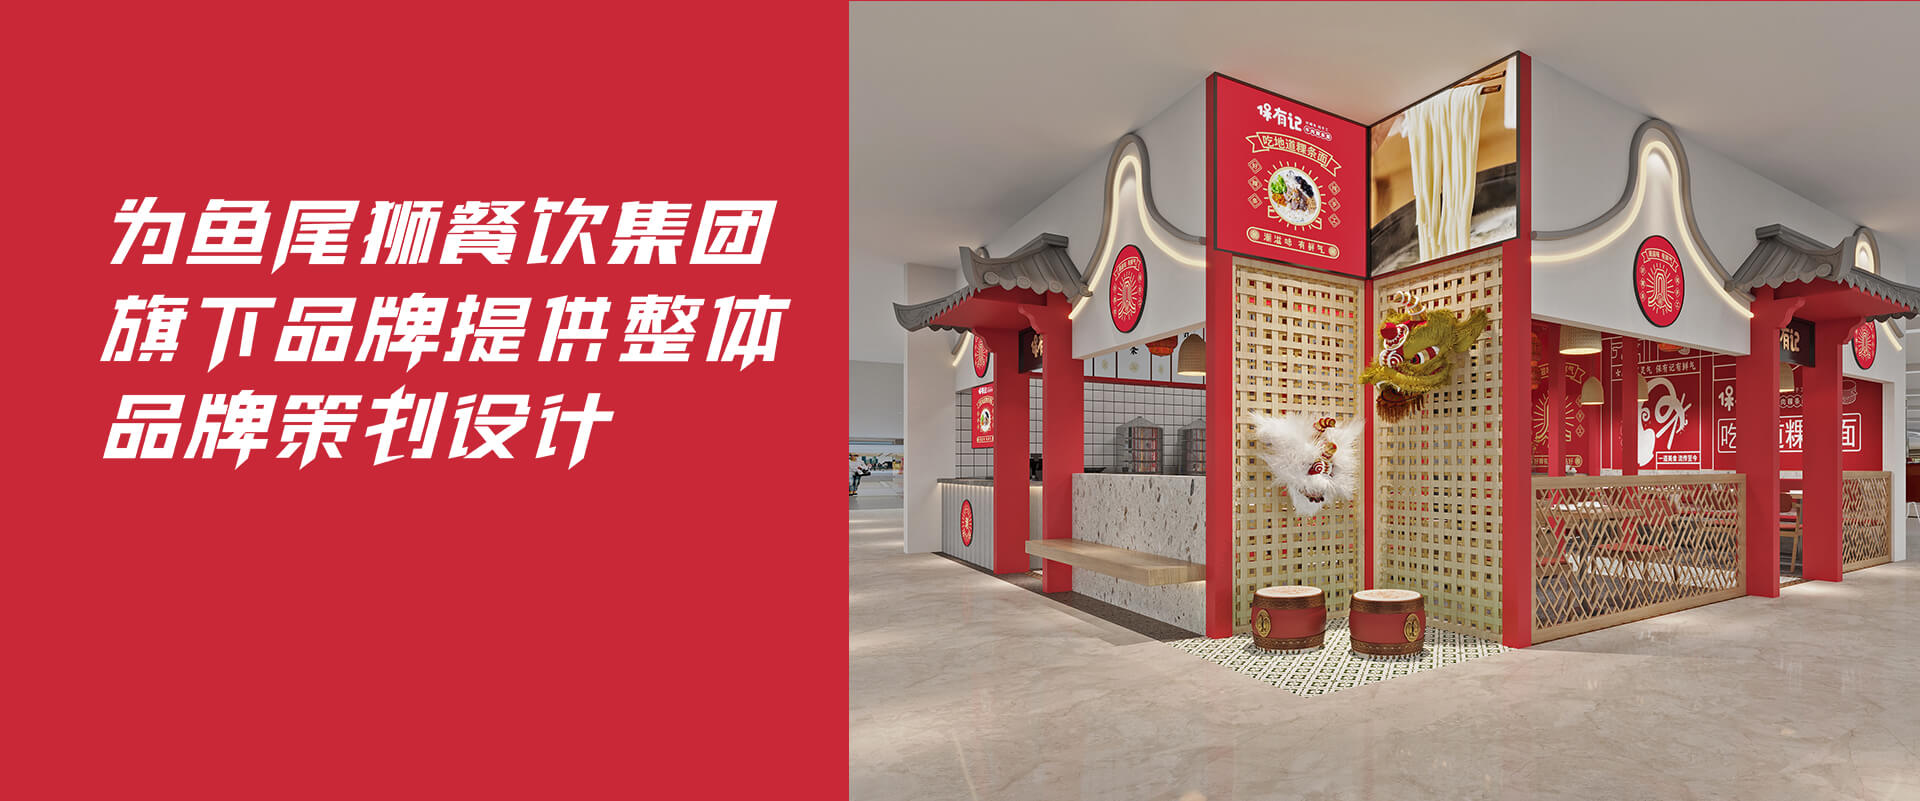 武汉上辰设计_2021年助力餐饮品牌设计快速发展